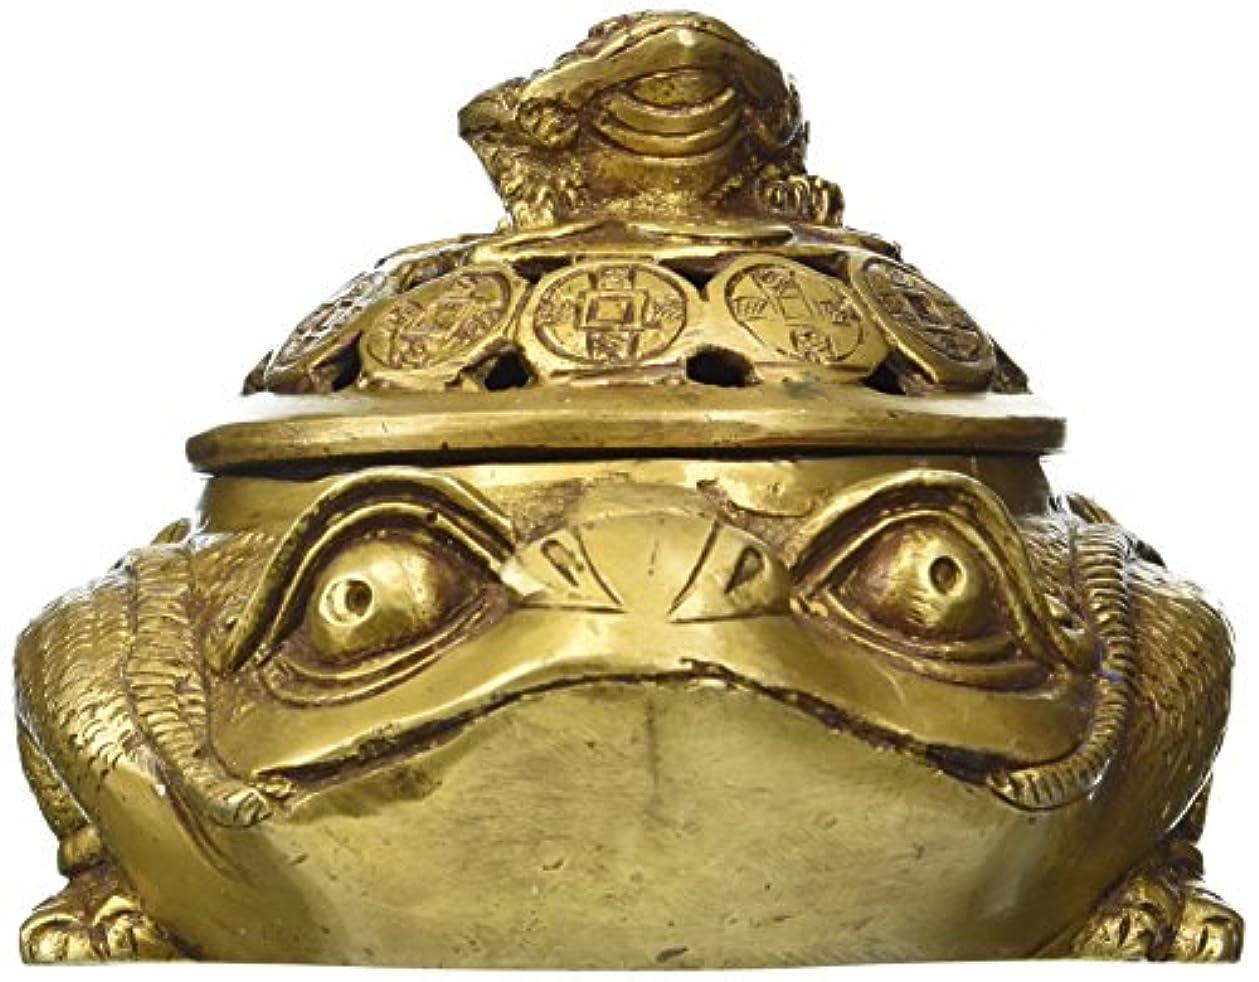 力強い混乱させる生命体エーワンインドのペアDiya Oil Lamp真鍮彫刻供養キャンドルホルダーHindu Religiousホーム装飾ギフト+現金封筒(10個パック)